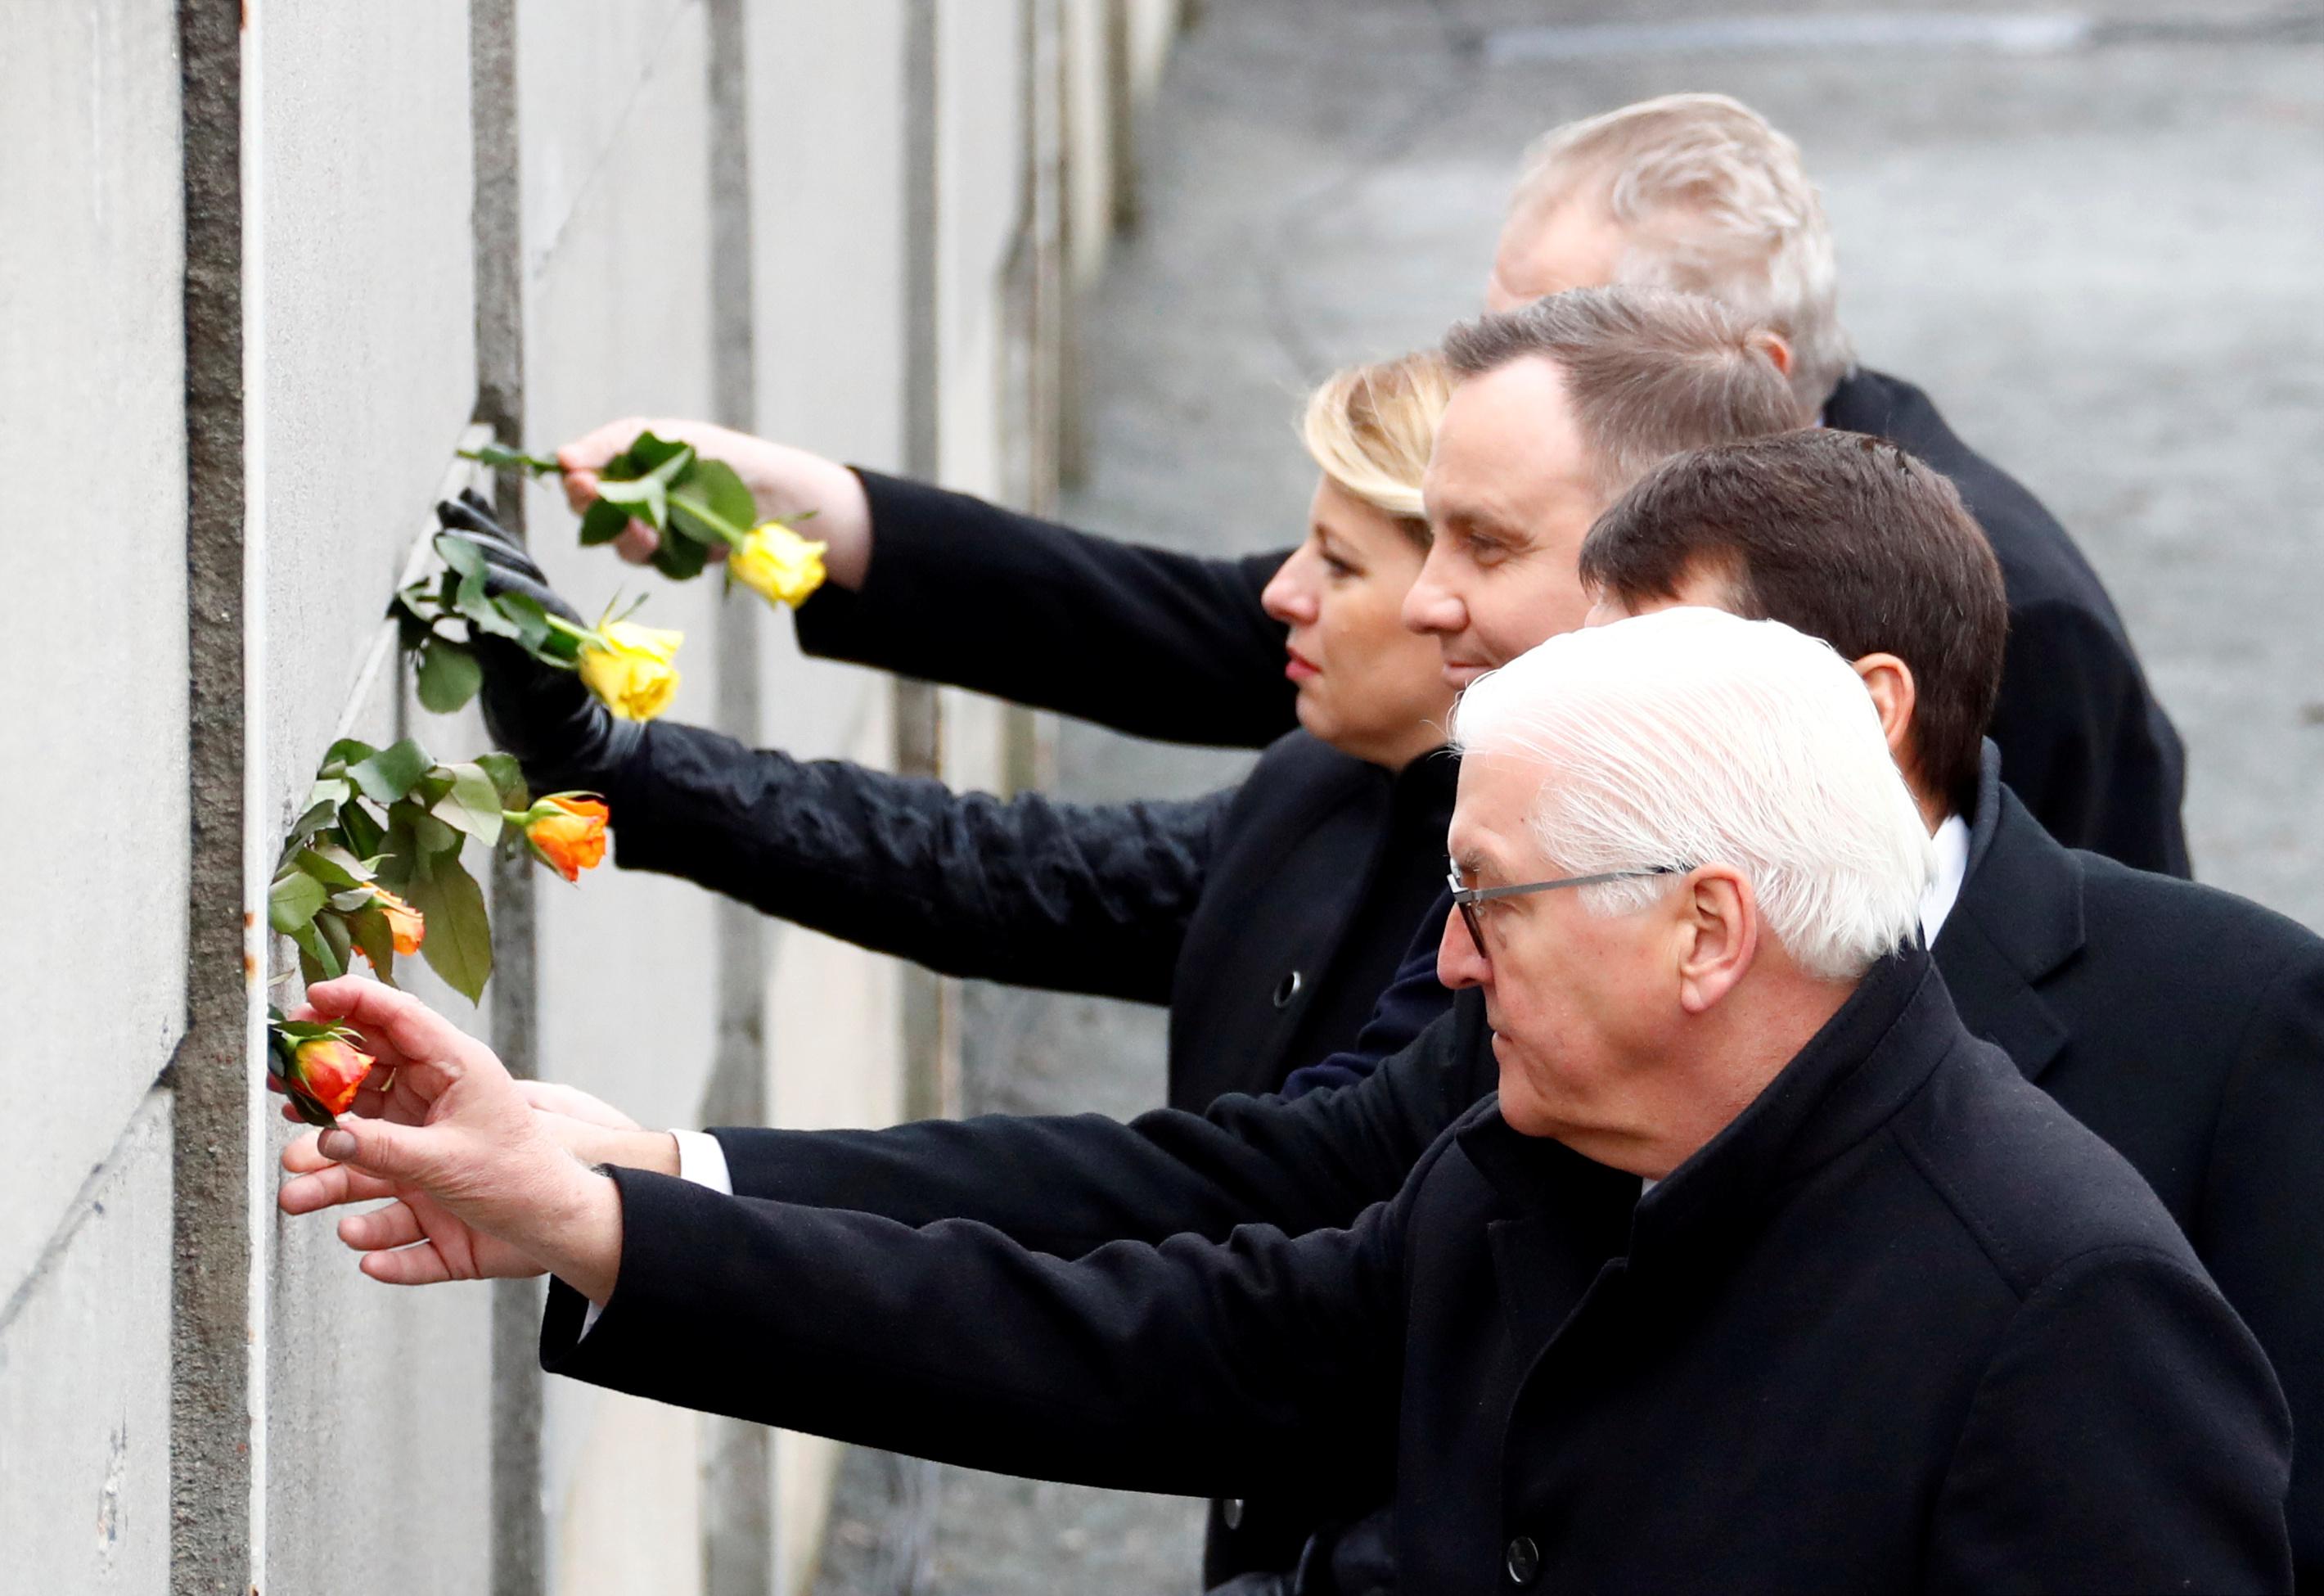 Le président allemand Frank-Walter Steinmeier (en premier plan) a rendu hommage samedi aux pays d'Europe de l'Est qui ont contribué à la chute du mur de Berlin, à l'occasion du 30e anniversaire de cette révolution pacifique. /Photo prise le 9 novembre 2019/REUTERS/Fabrizio Bensch